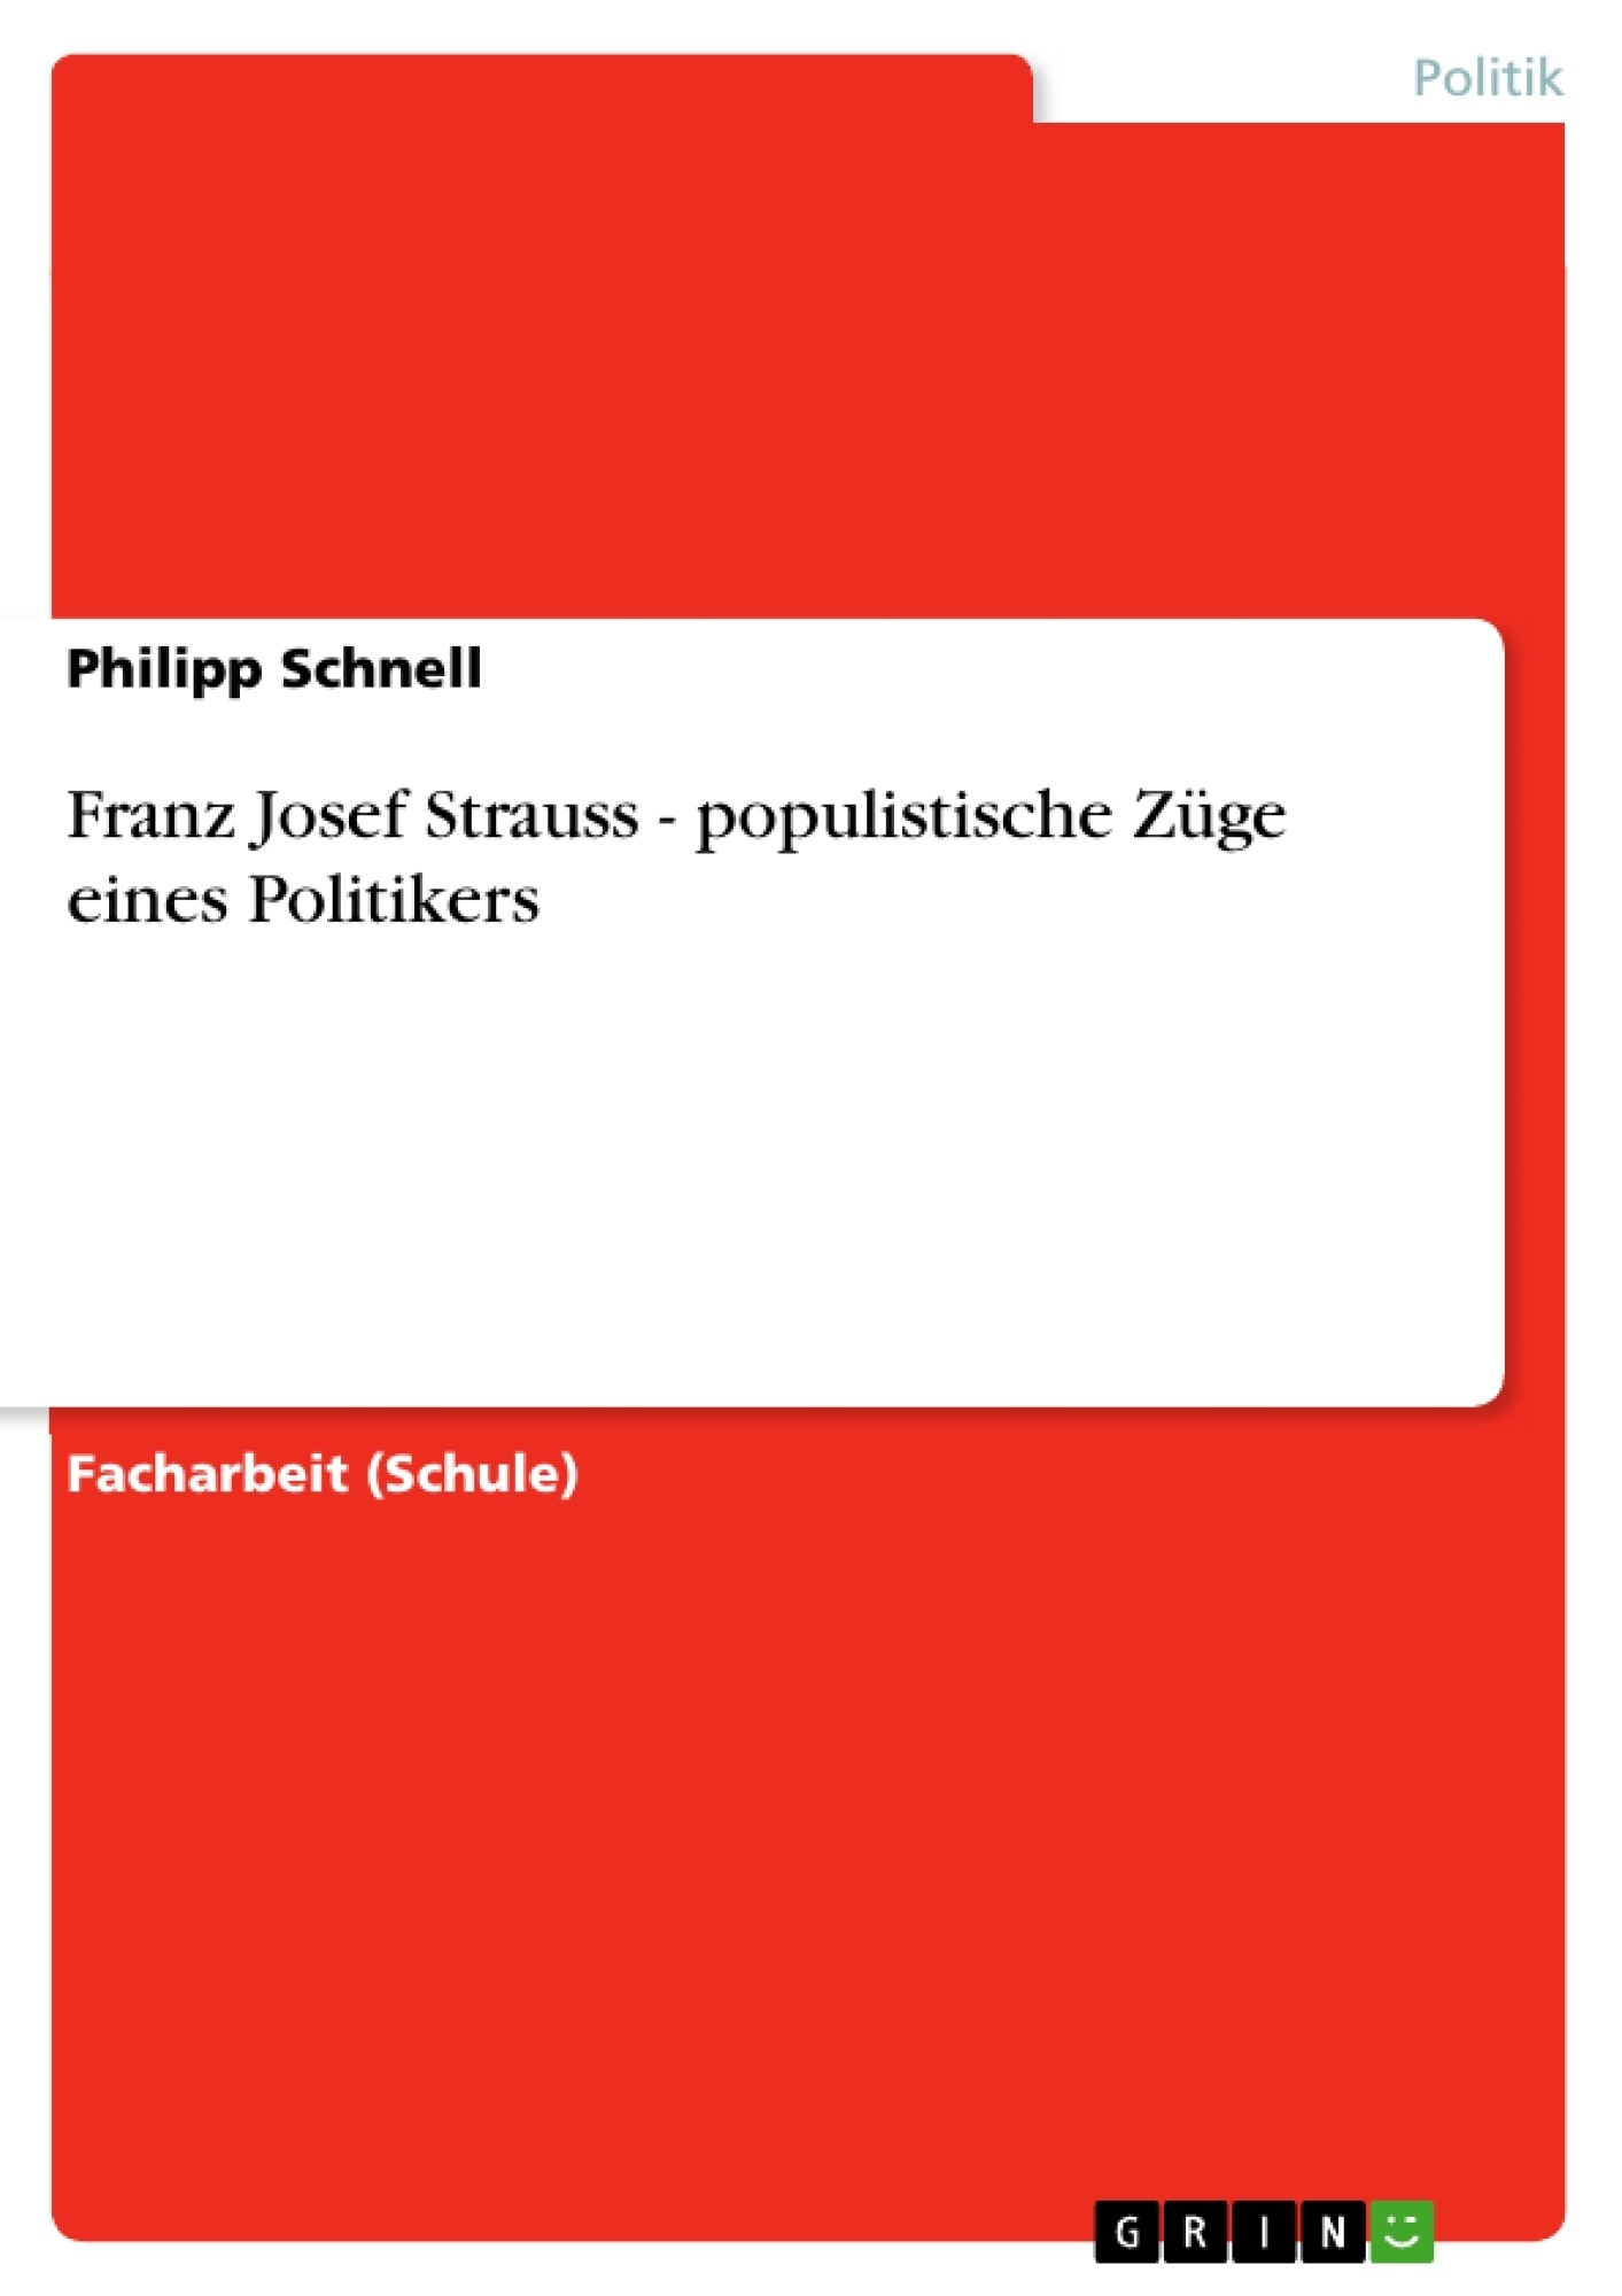 Titel: Franz Josef Strauss - populistische Züge eines Politikers